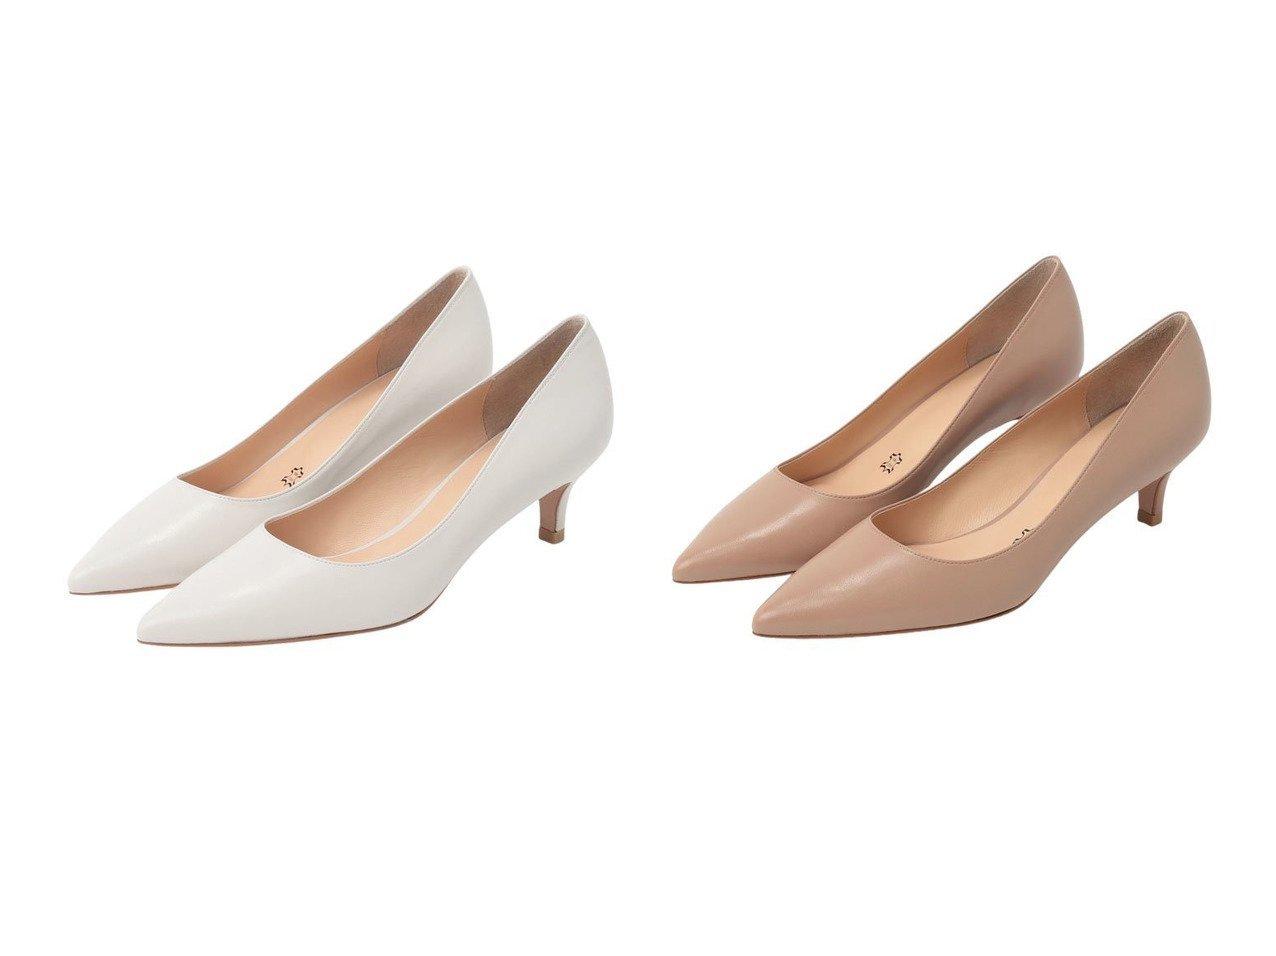 【allureville/アルアバイル】のポインテッドパンプス 【シューズ・靴】おすすめ!人気、トレンド・レディースファッションの通販 おすすめで人気の流行・トレンド、ファッションの通販商品 メンズファッション・キッズファッション・インテリア・家具・レディースファッション・服の通販 founy(ファニー) https://founy.com/ ファッション Fashion レディースファッション WOMEN シューズ フォルム 再入荷 Restock/Back in Stock/Re Arrival  ID:crp329100000025454